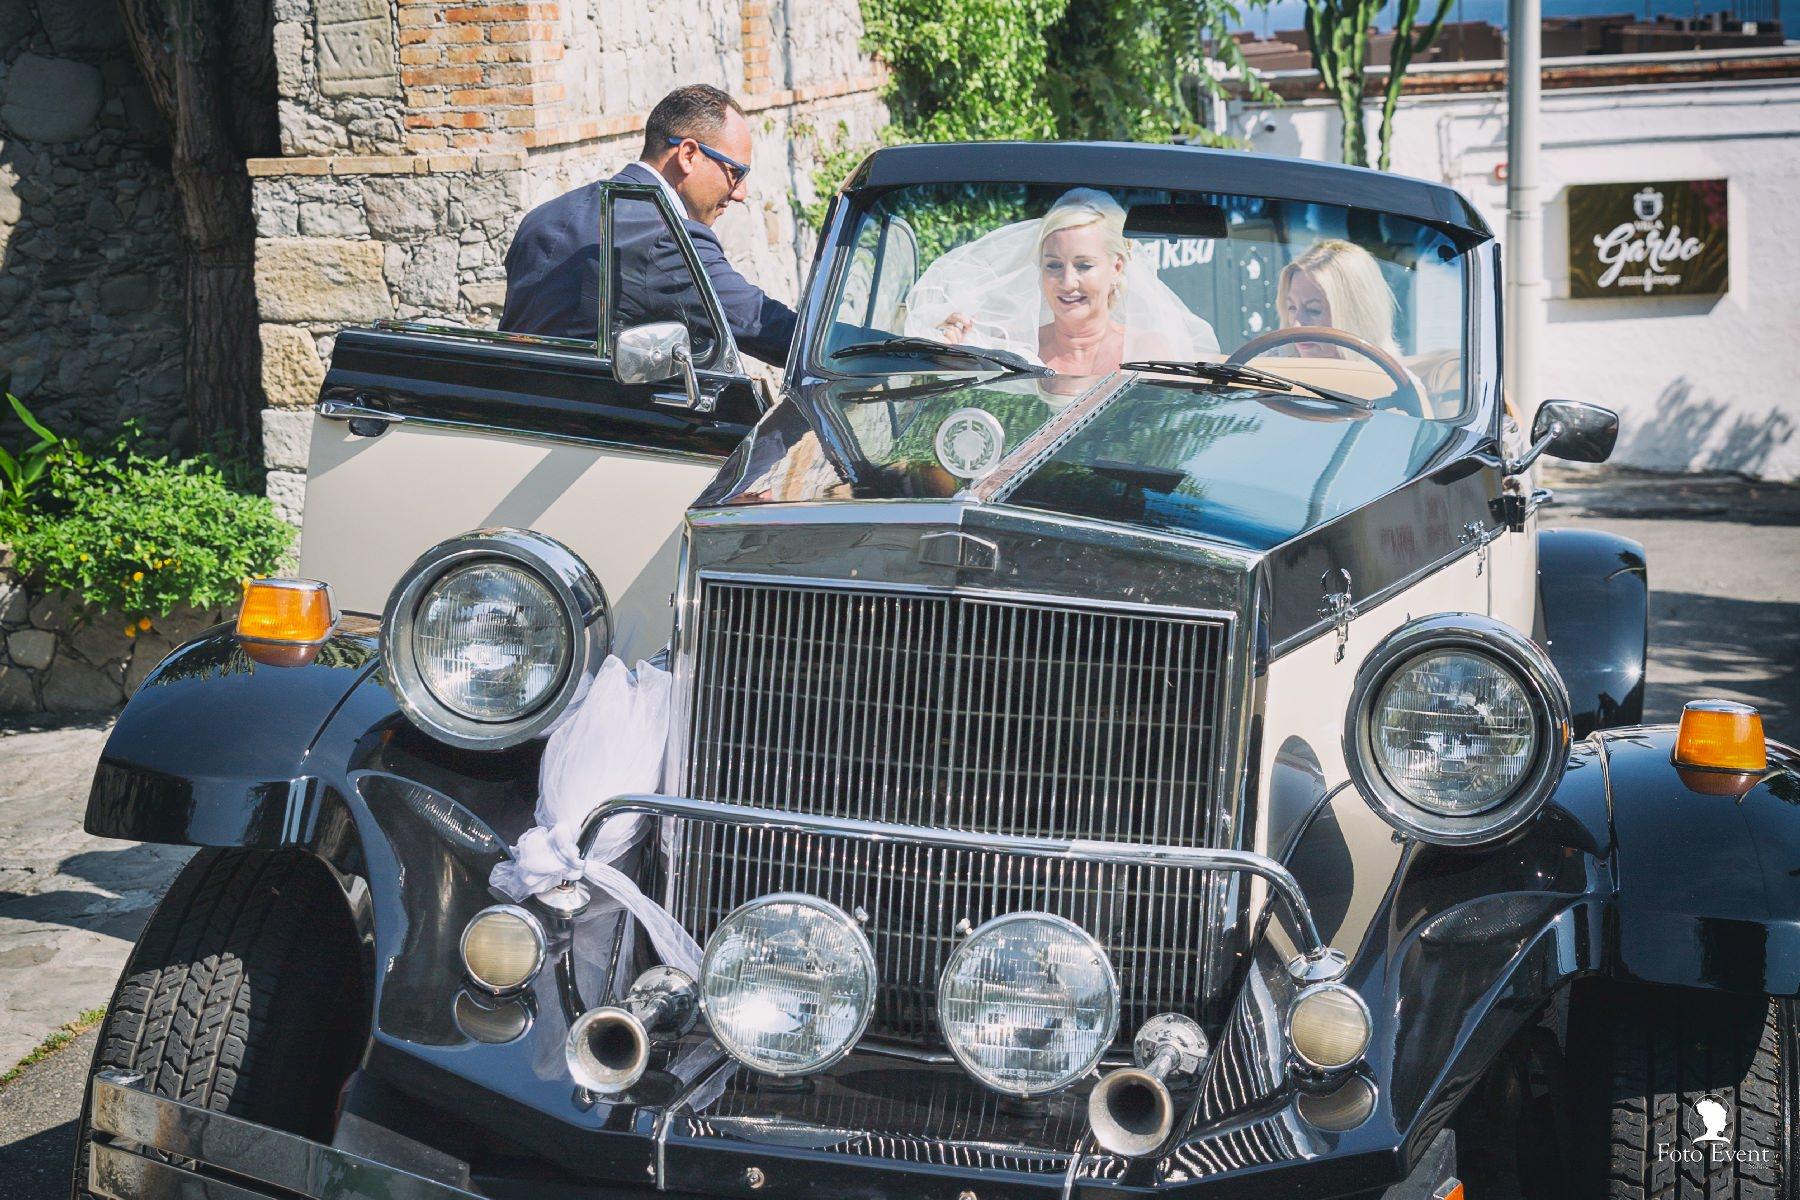 2017-06-01 Matrimonio Karen e Martin Pearson 5DE 695 CD_facebook